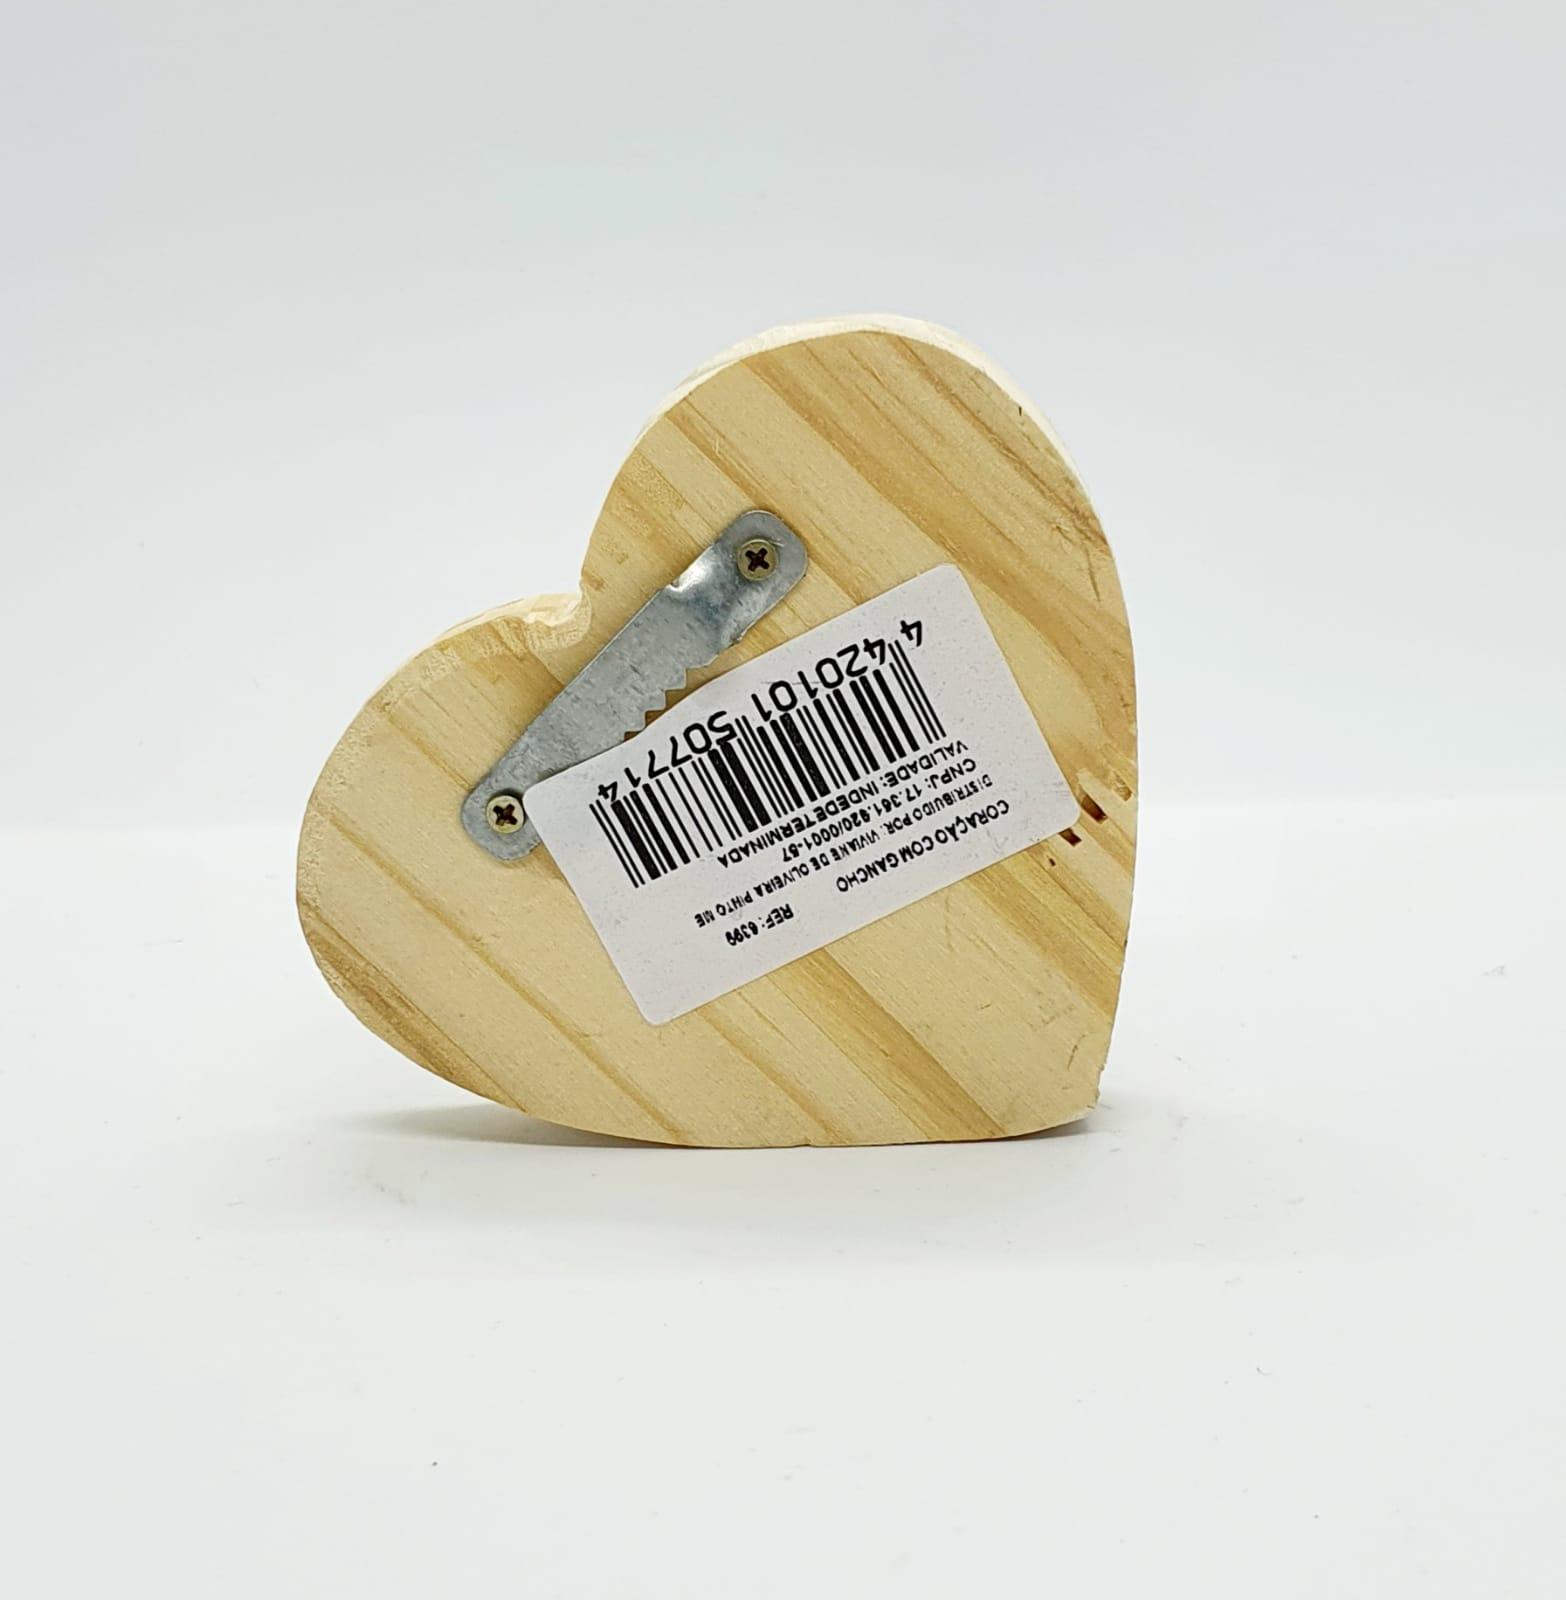 Coração de madeira com gancho de metal - Gratidão